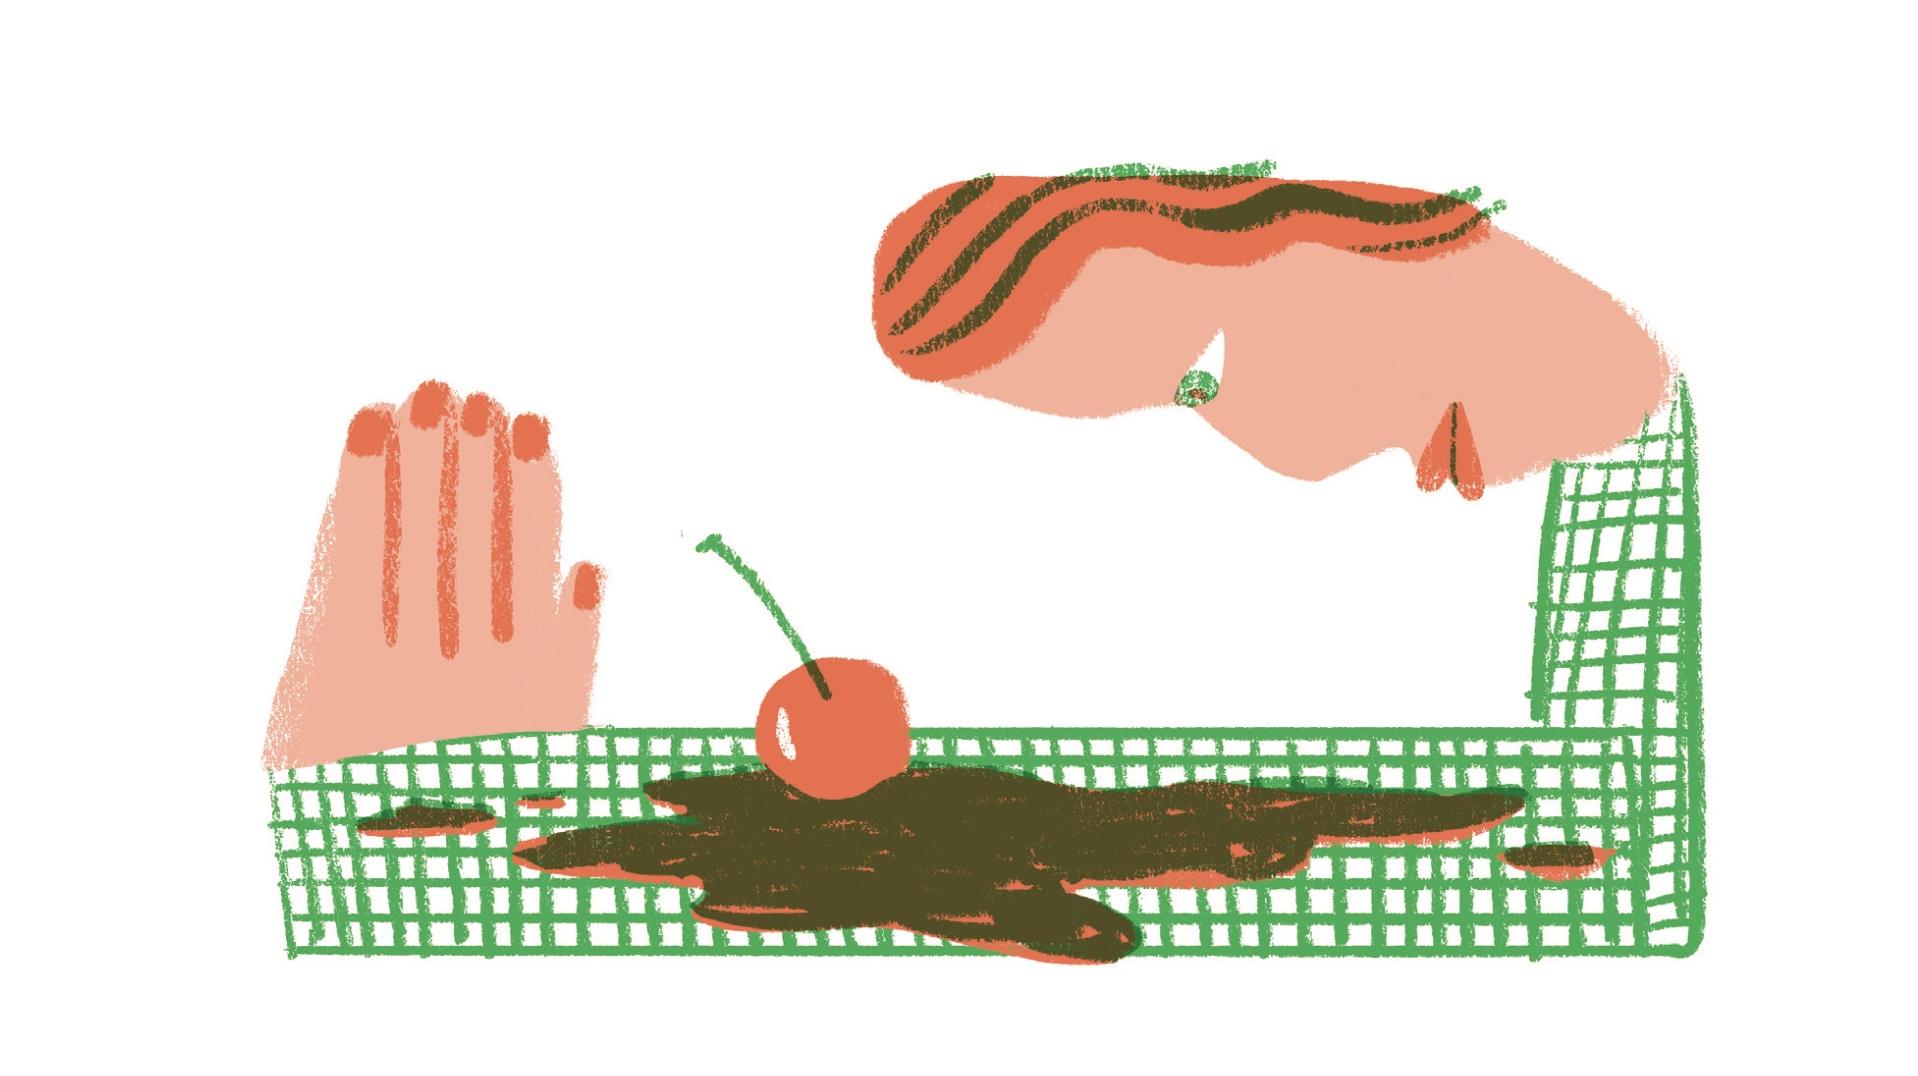 Spot illustrations by Lilli Carré (lillicarre.com)